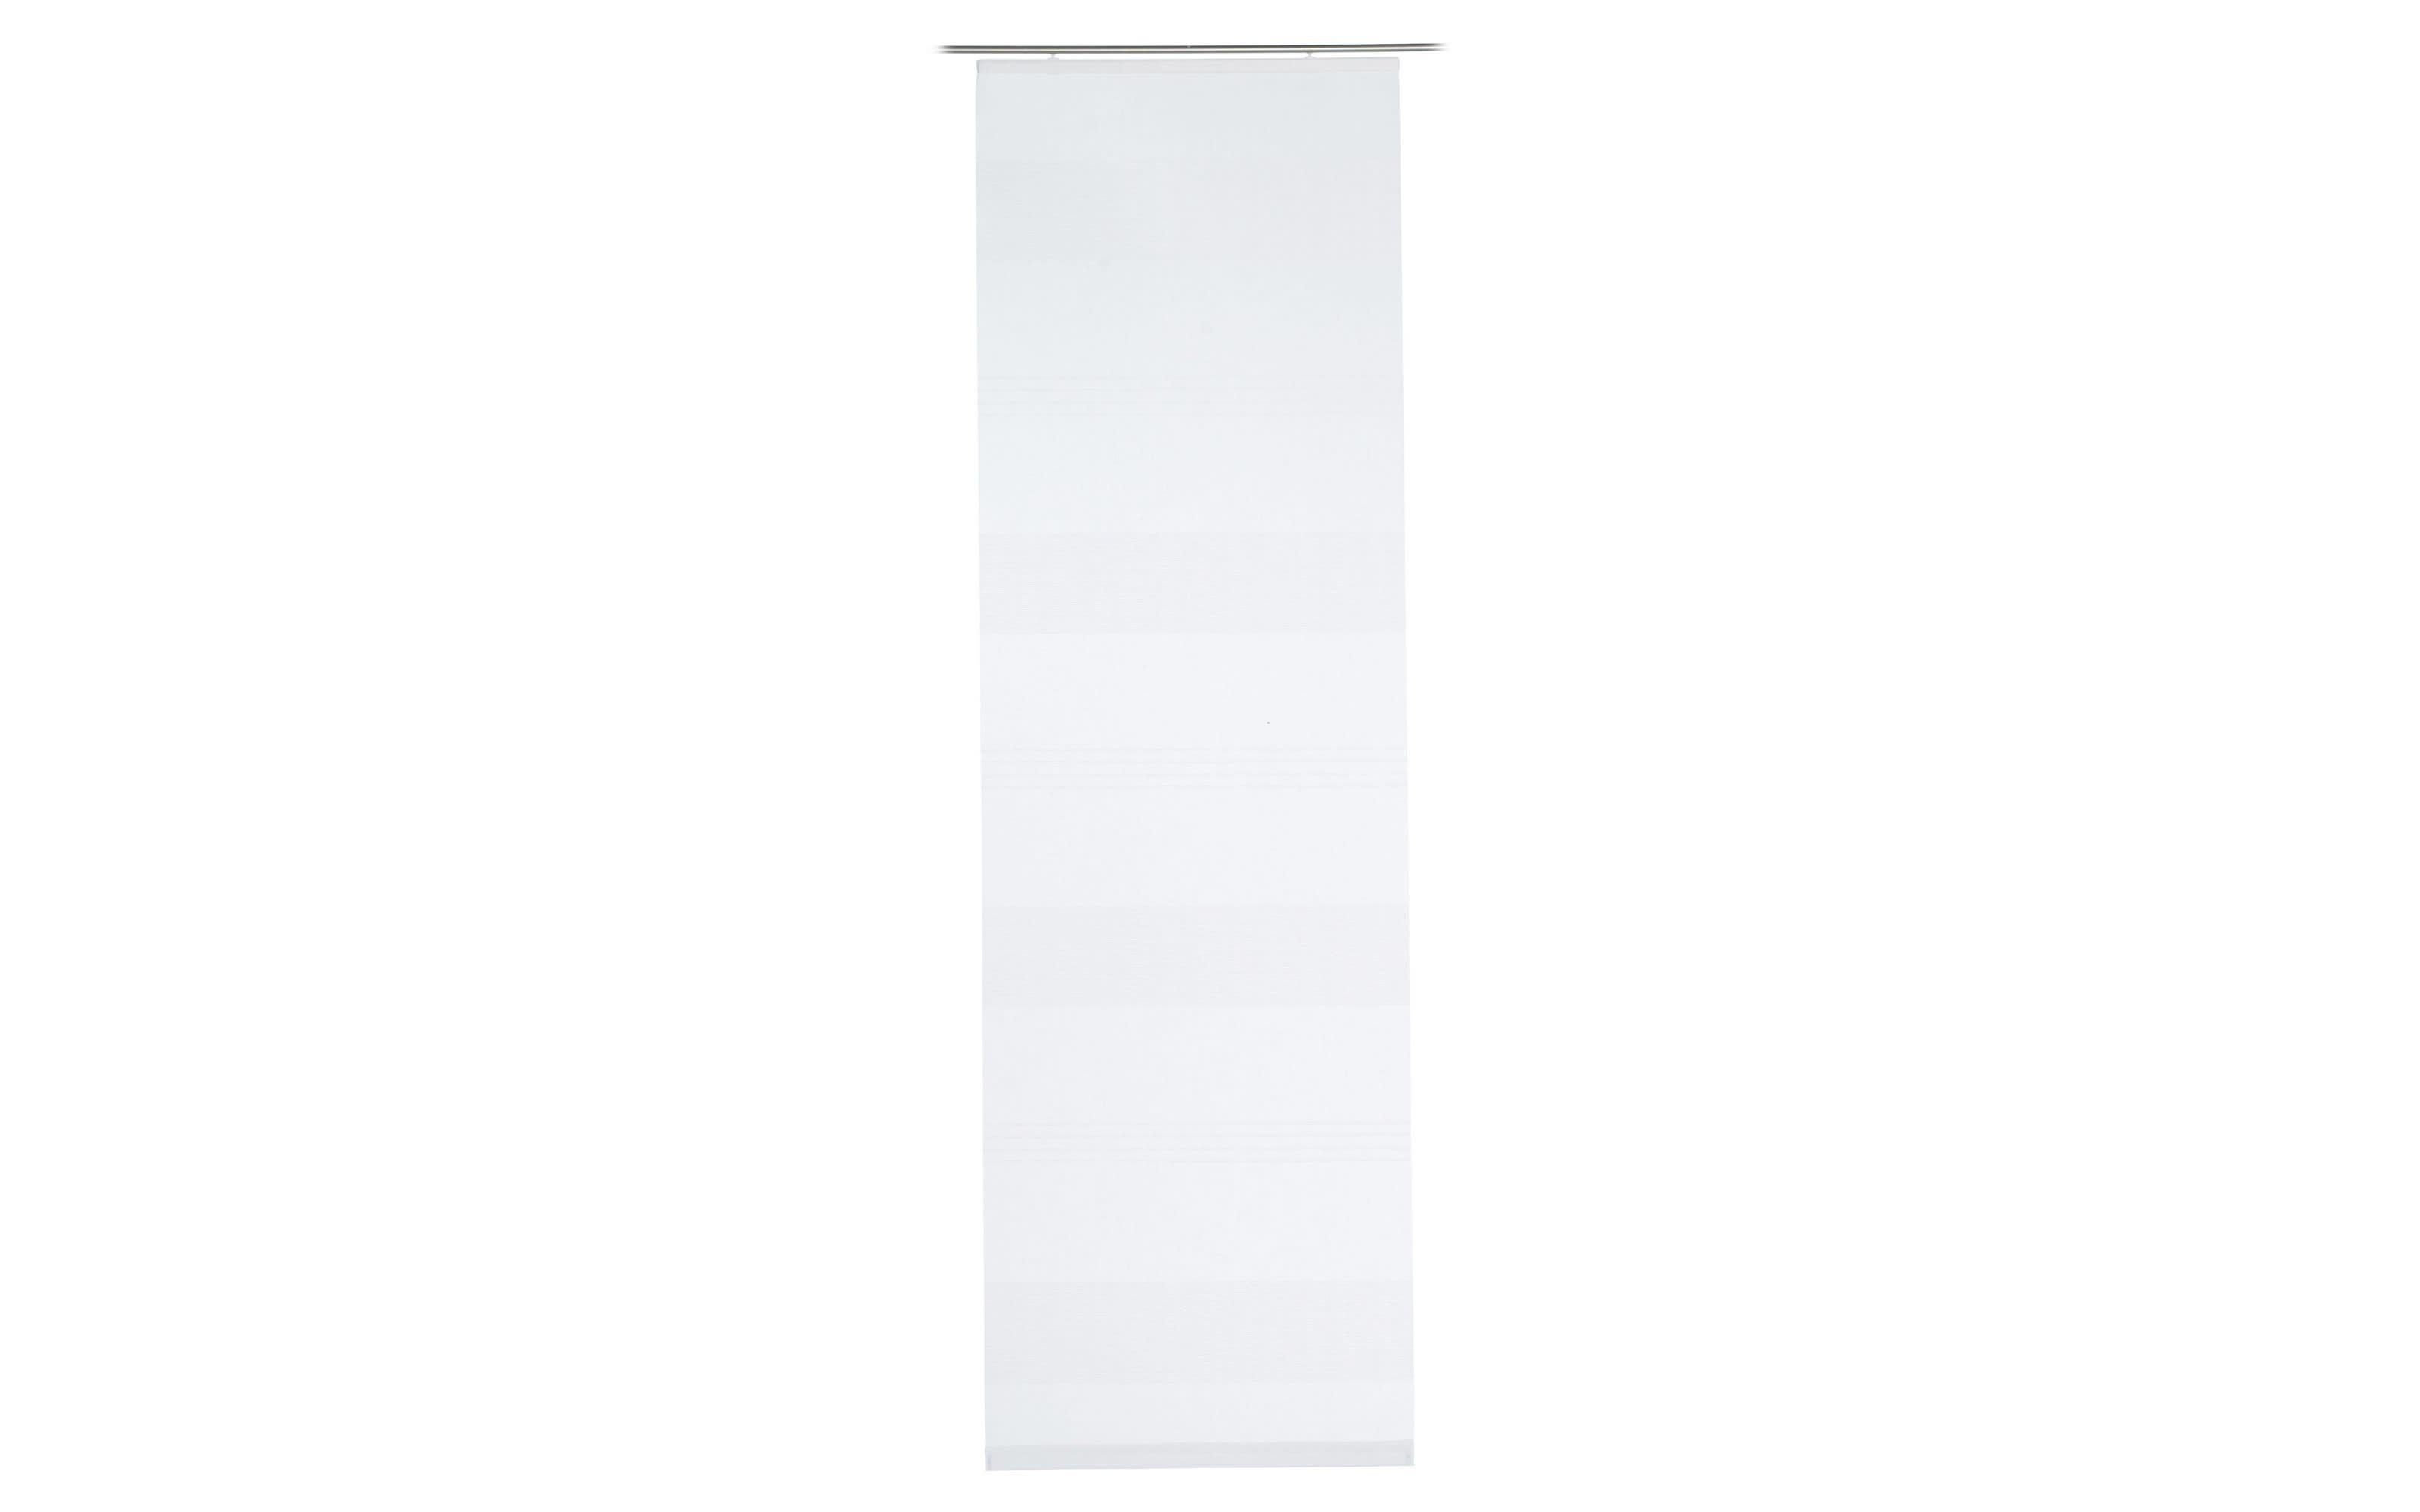 Schiebevorhang Rustico in weiß, 60 x 245 cm